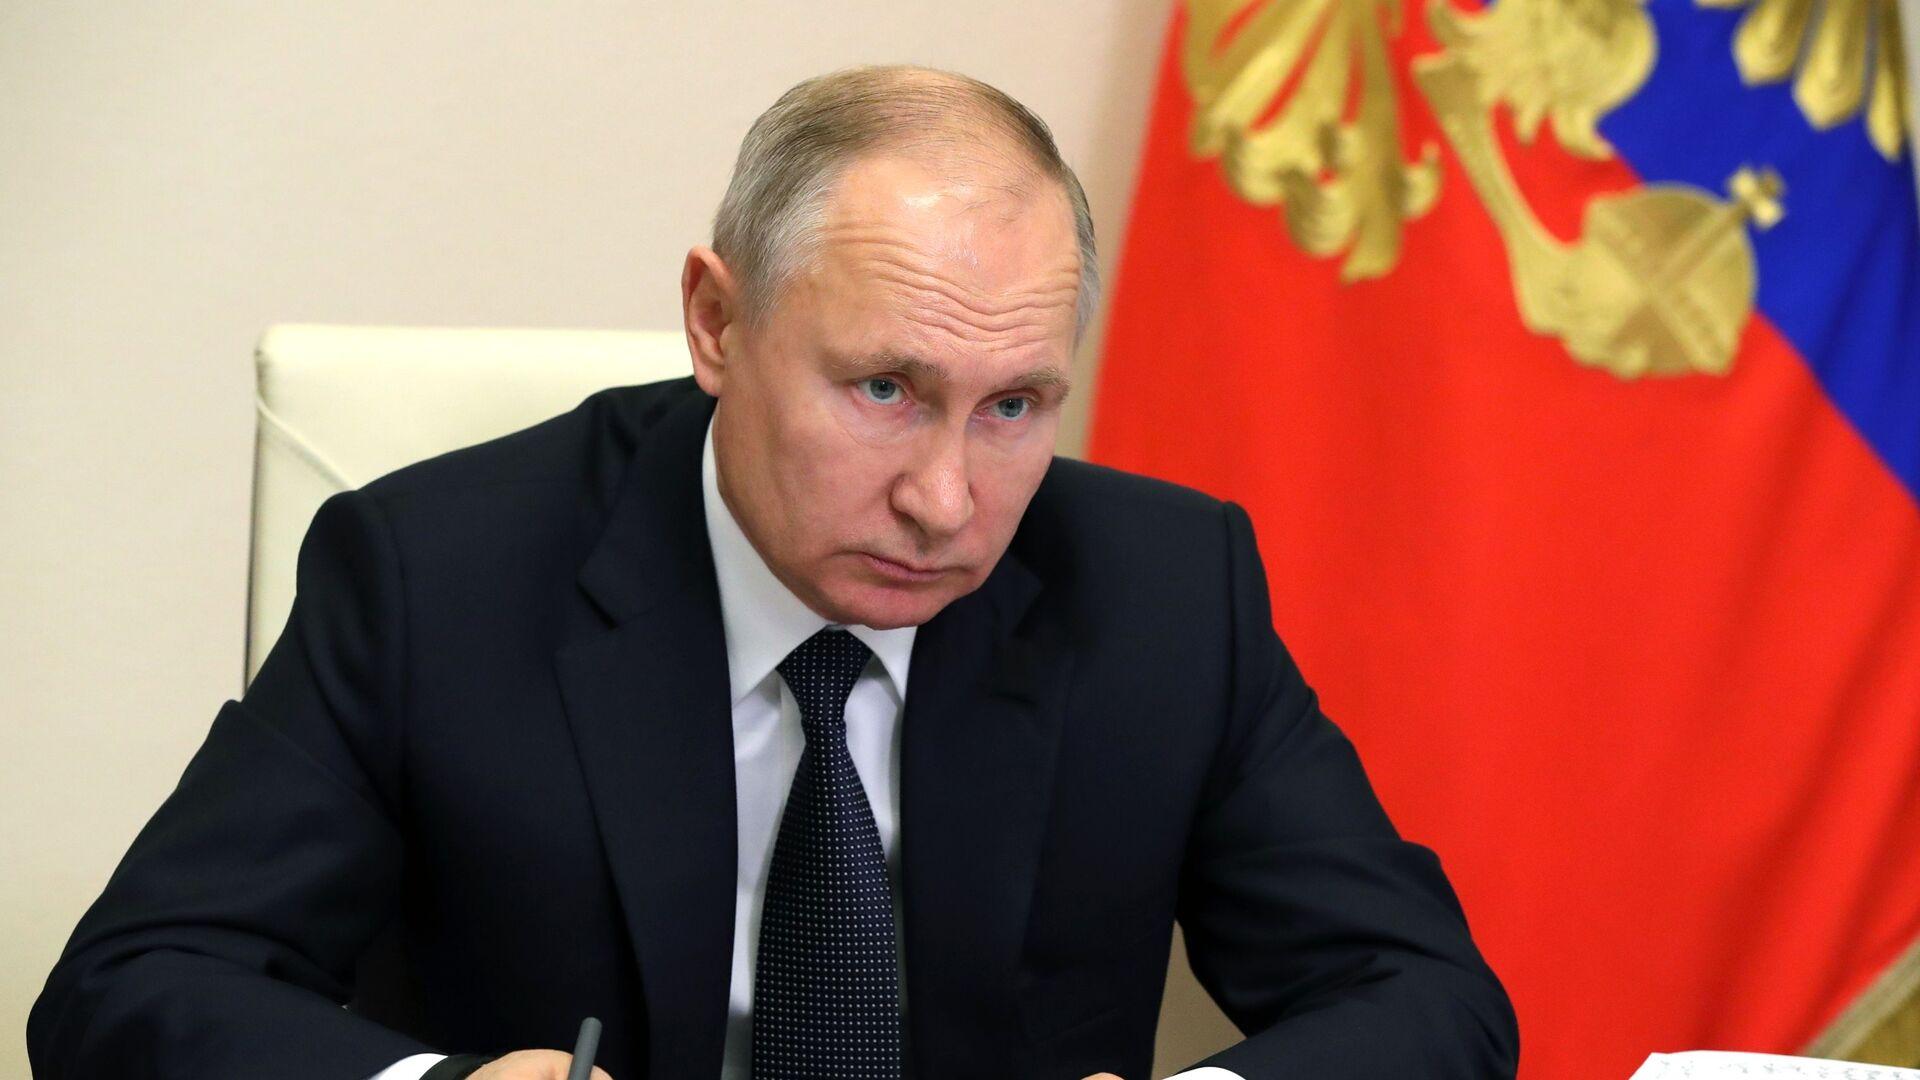 Vladímir Putin, el presidente de Rusia, en una reunión sobre el desarrollo estratégico y los proyectos nacionales - Sputnik Mundo, 1920, 03.03.2021